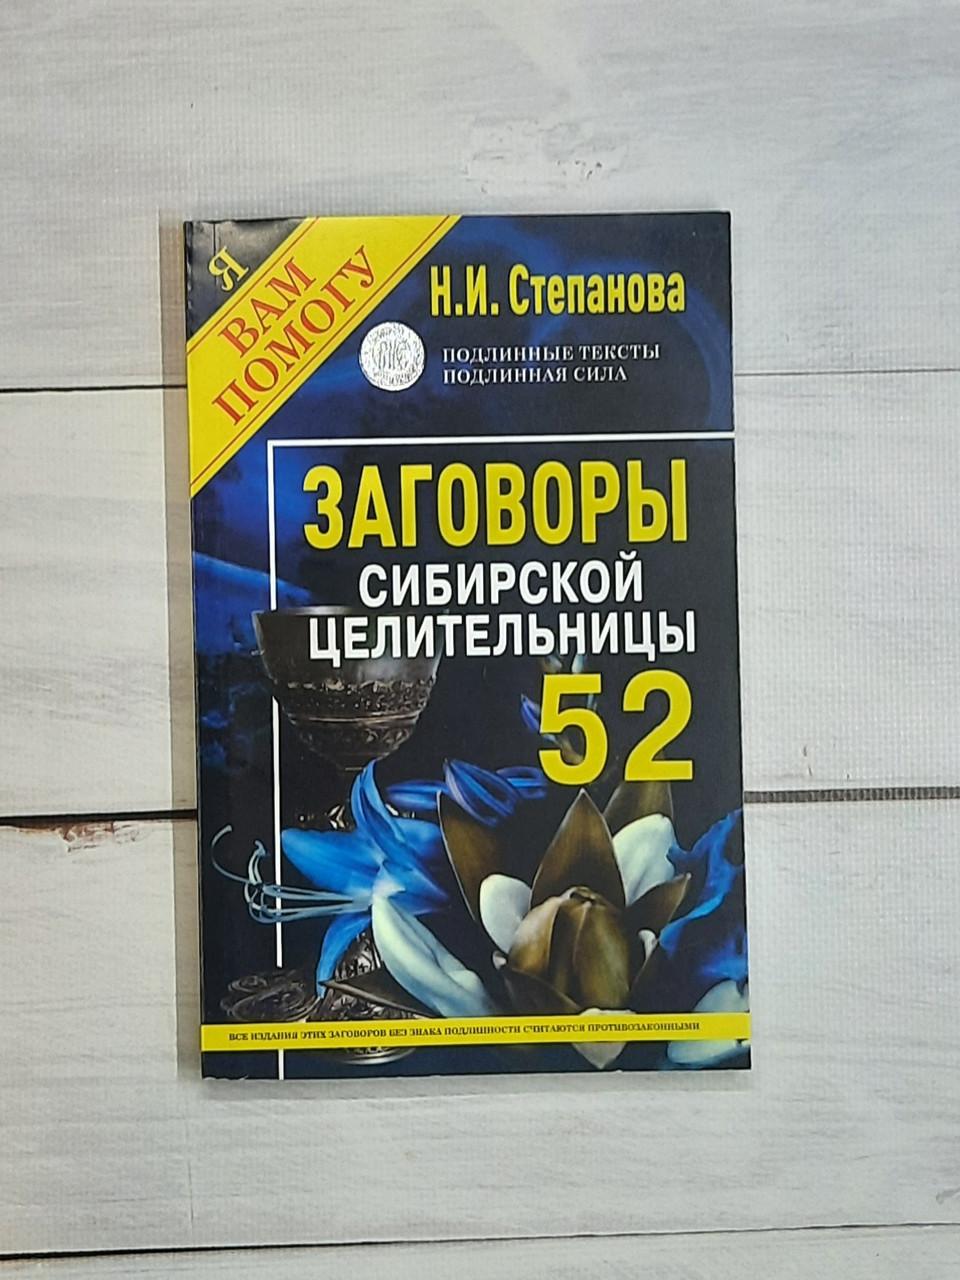 Степанова Змови те 52